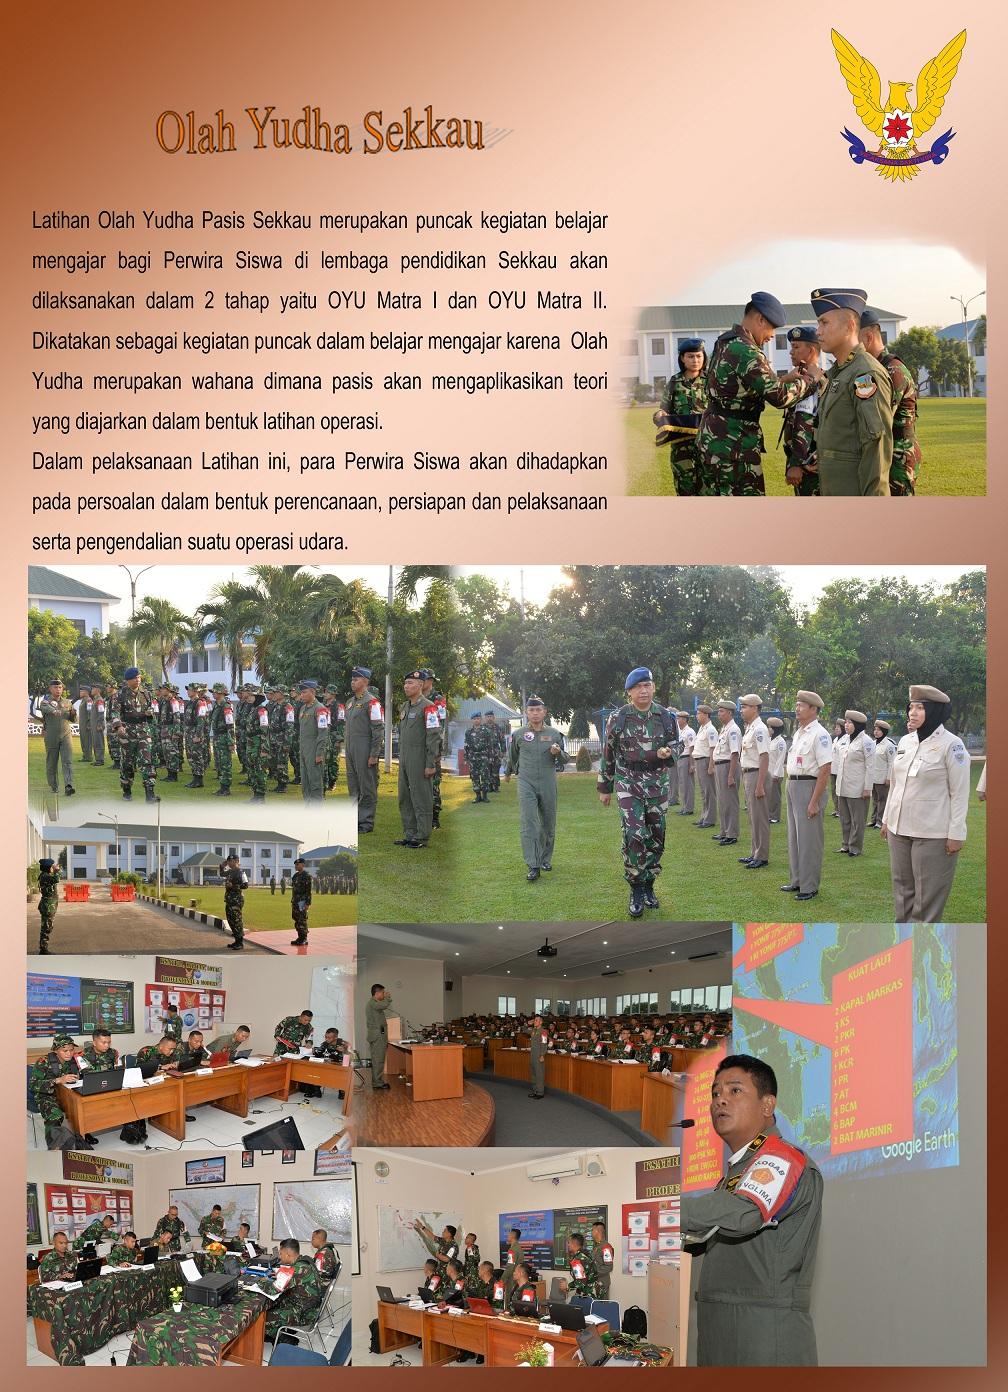 Olah Yudha Pasis Sekkau Angkatan ke-103 TA 2018